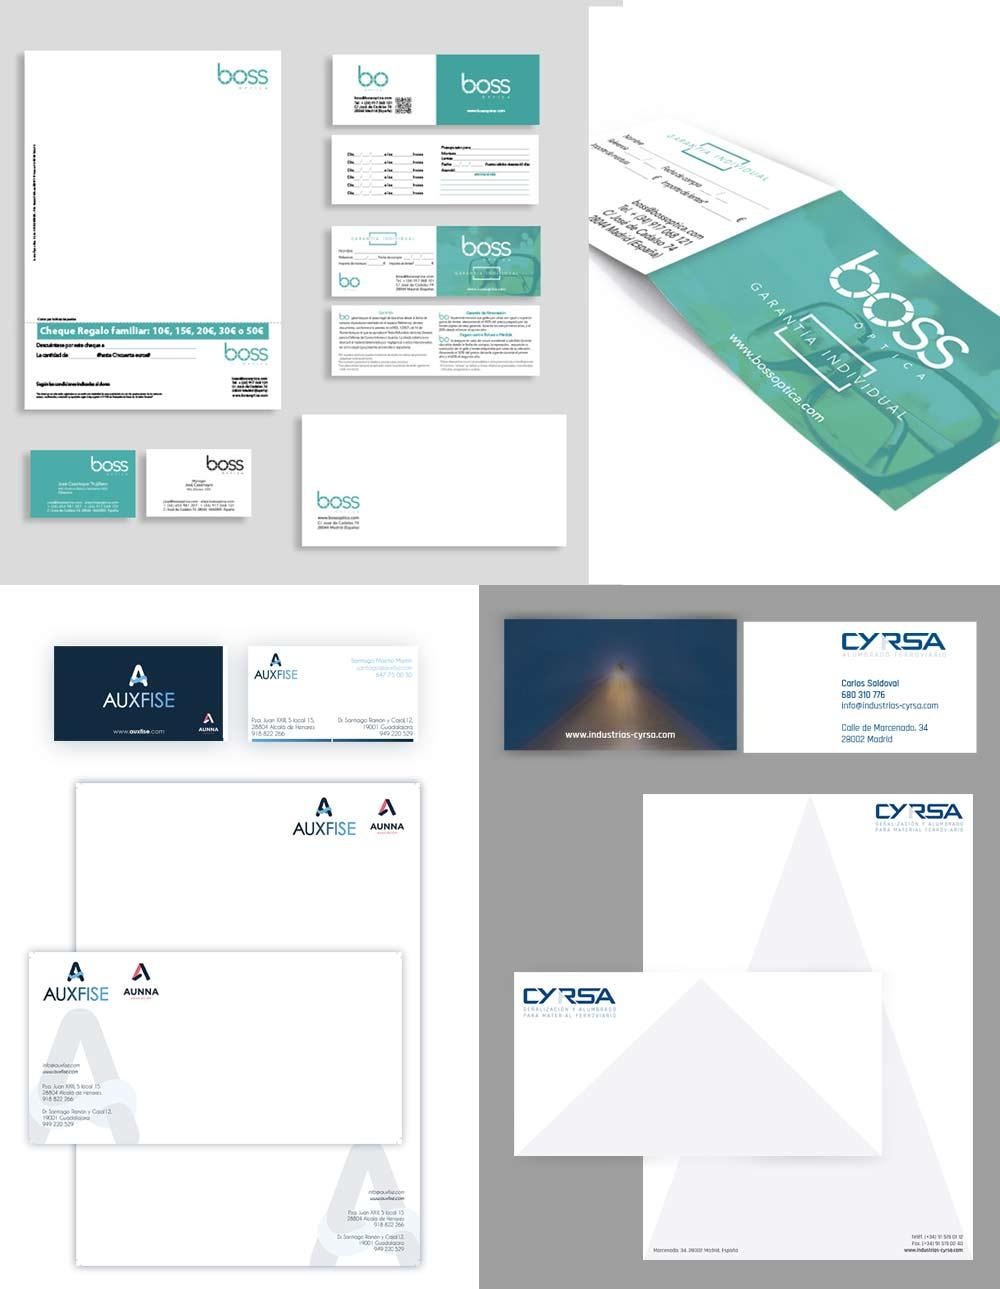 Diseño de imagen corporativa para empresas